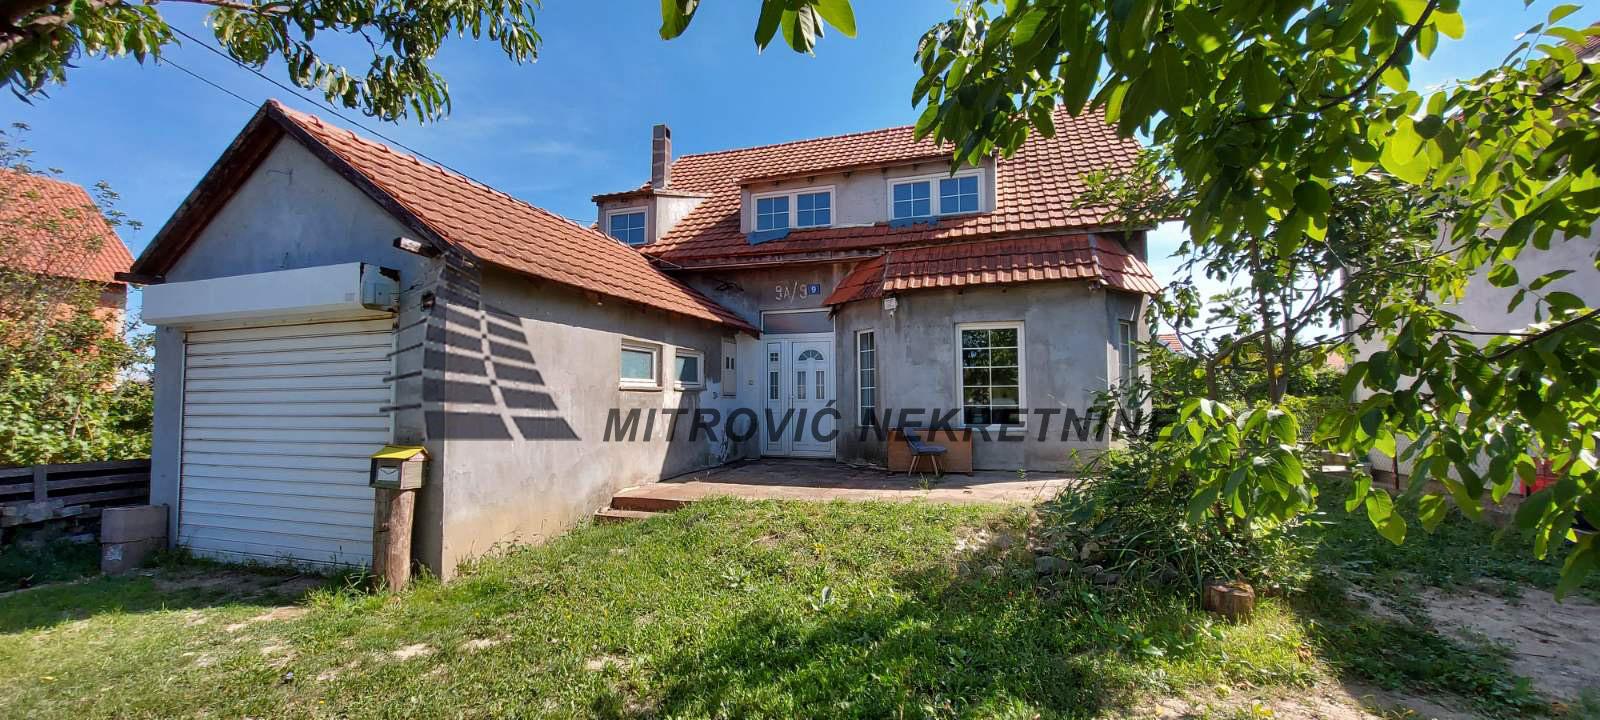 Kuća Grmovac sa garažom površine 270m2